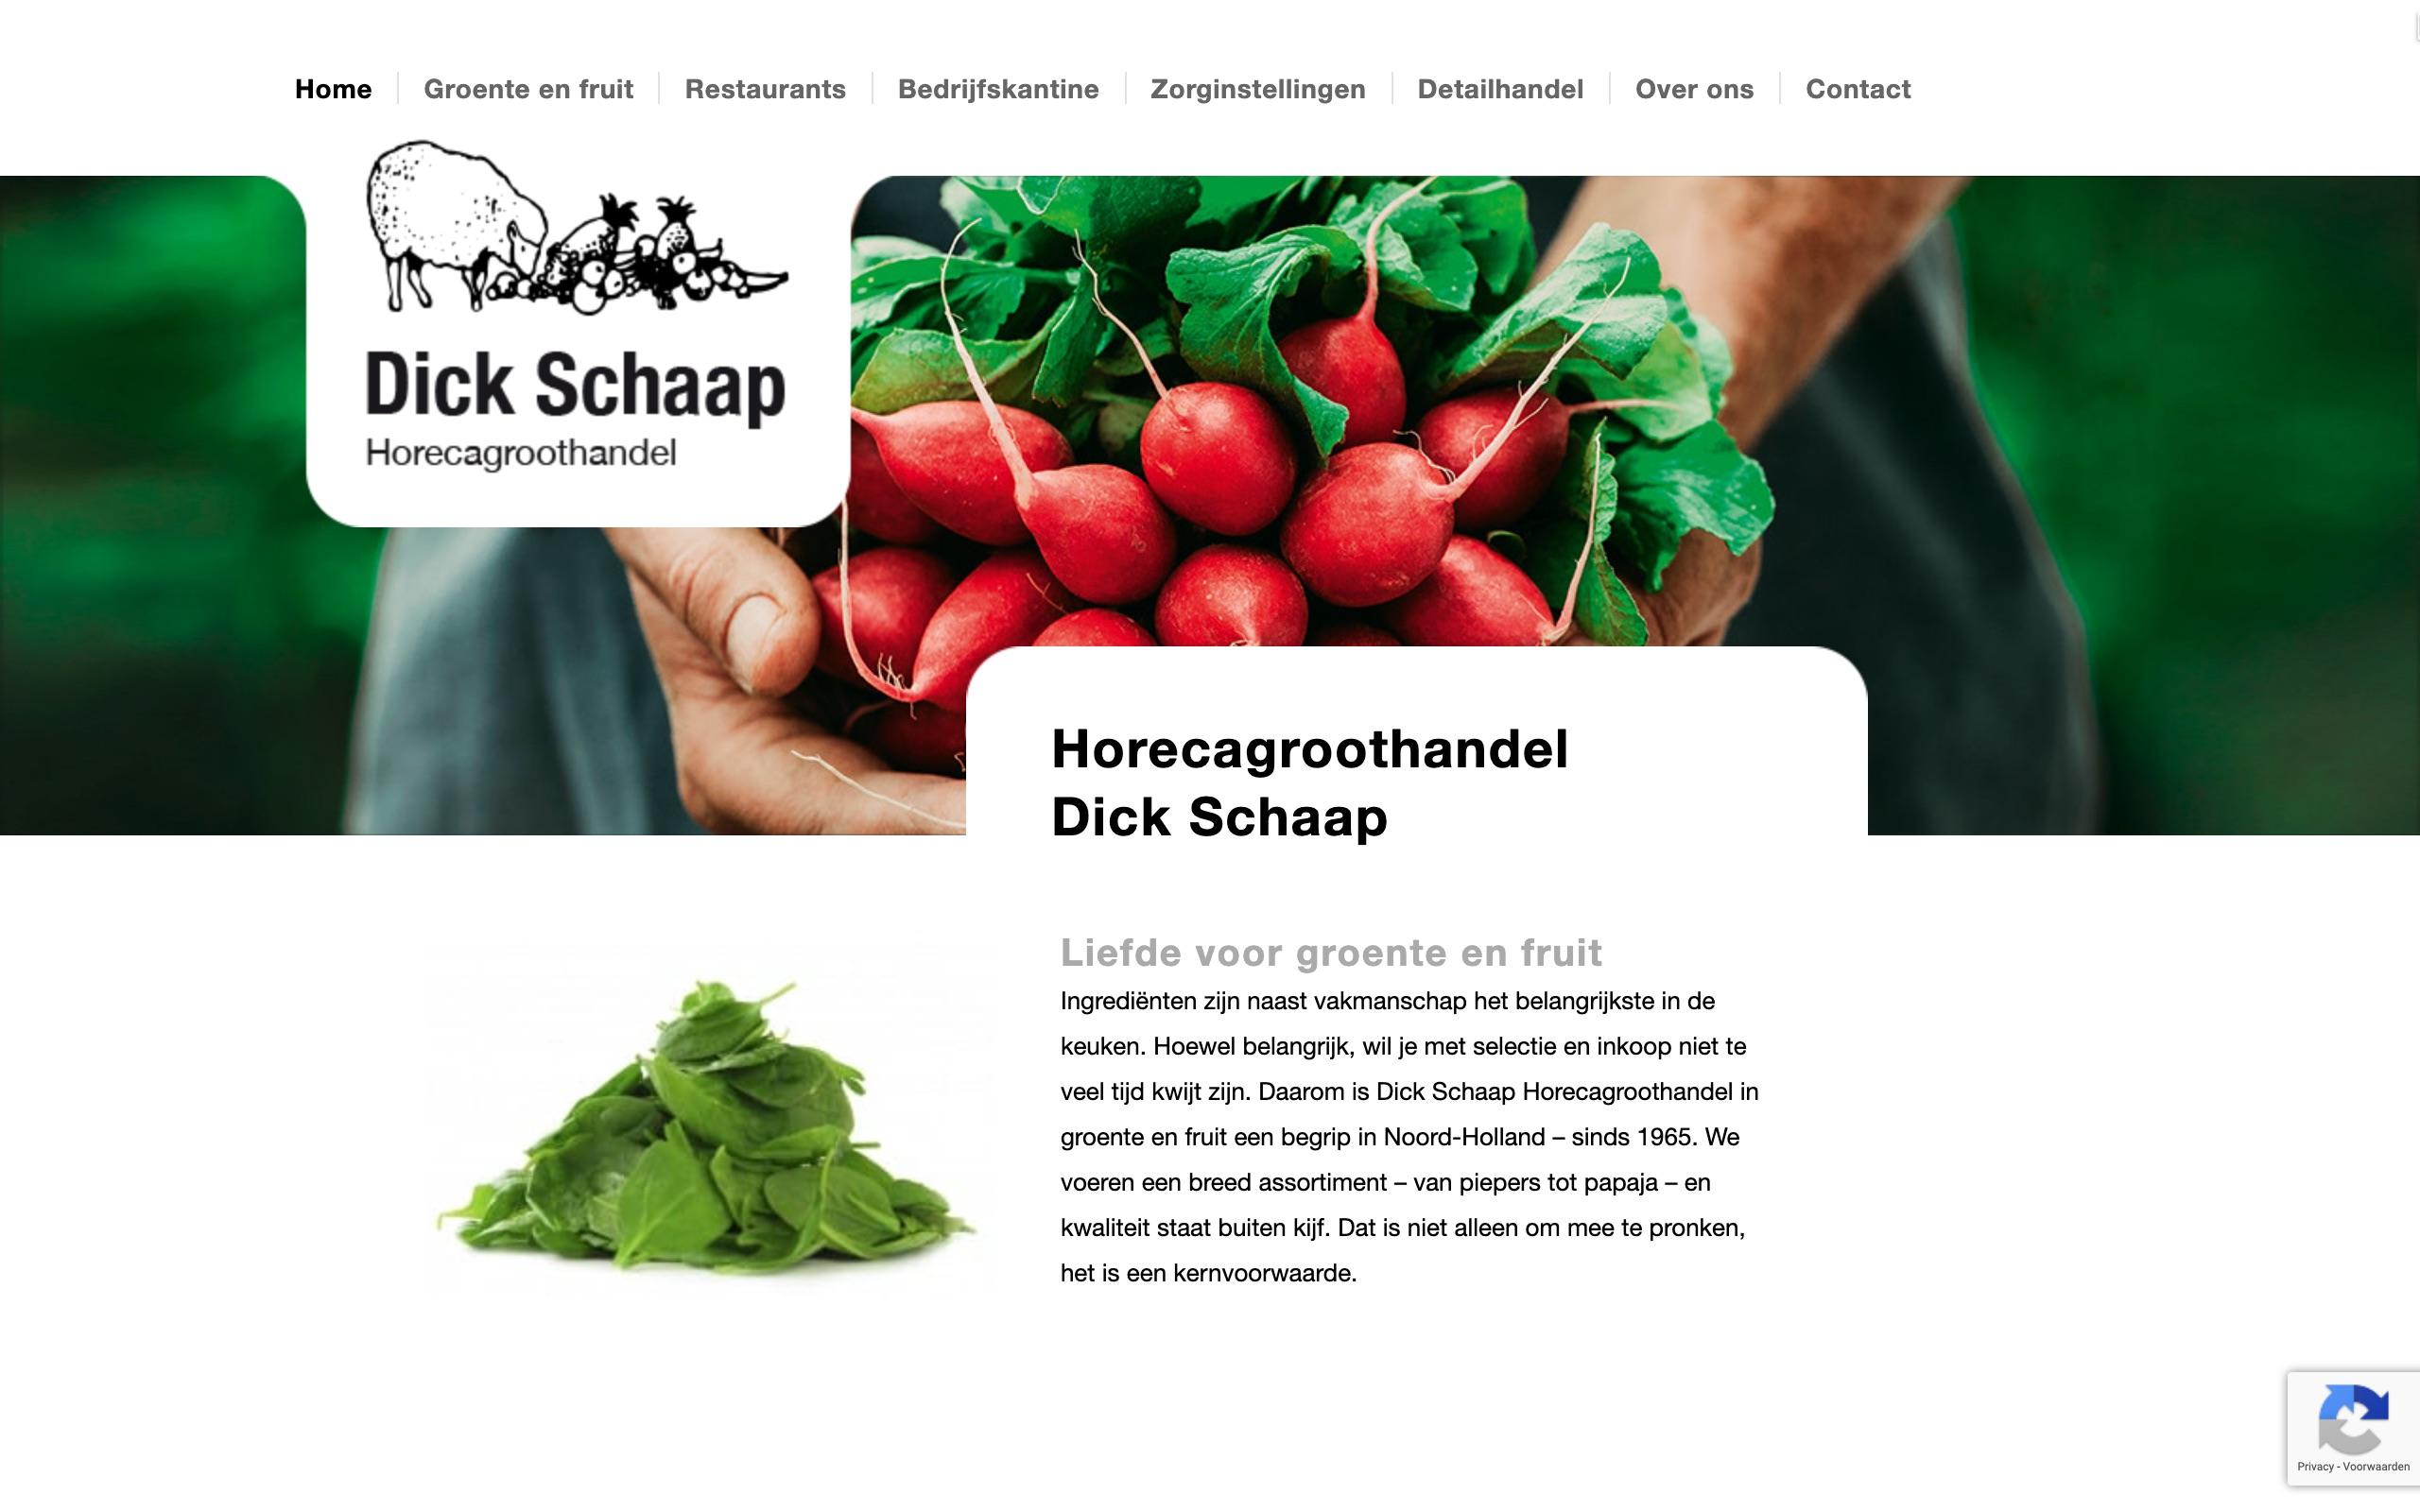 Dick Schaap Horeca Groothandel